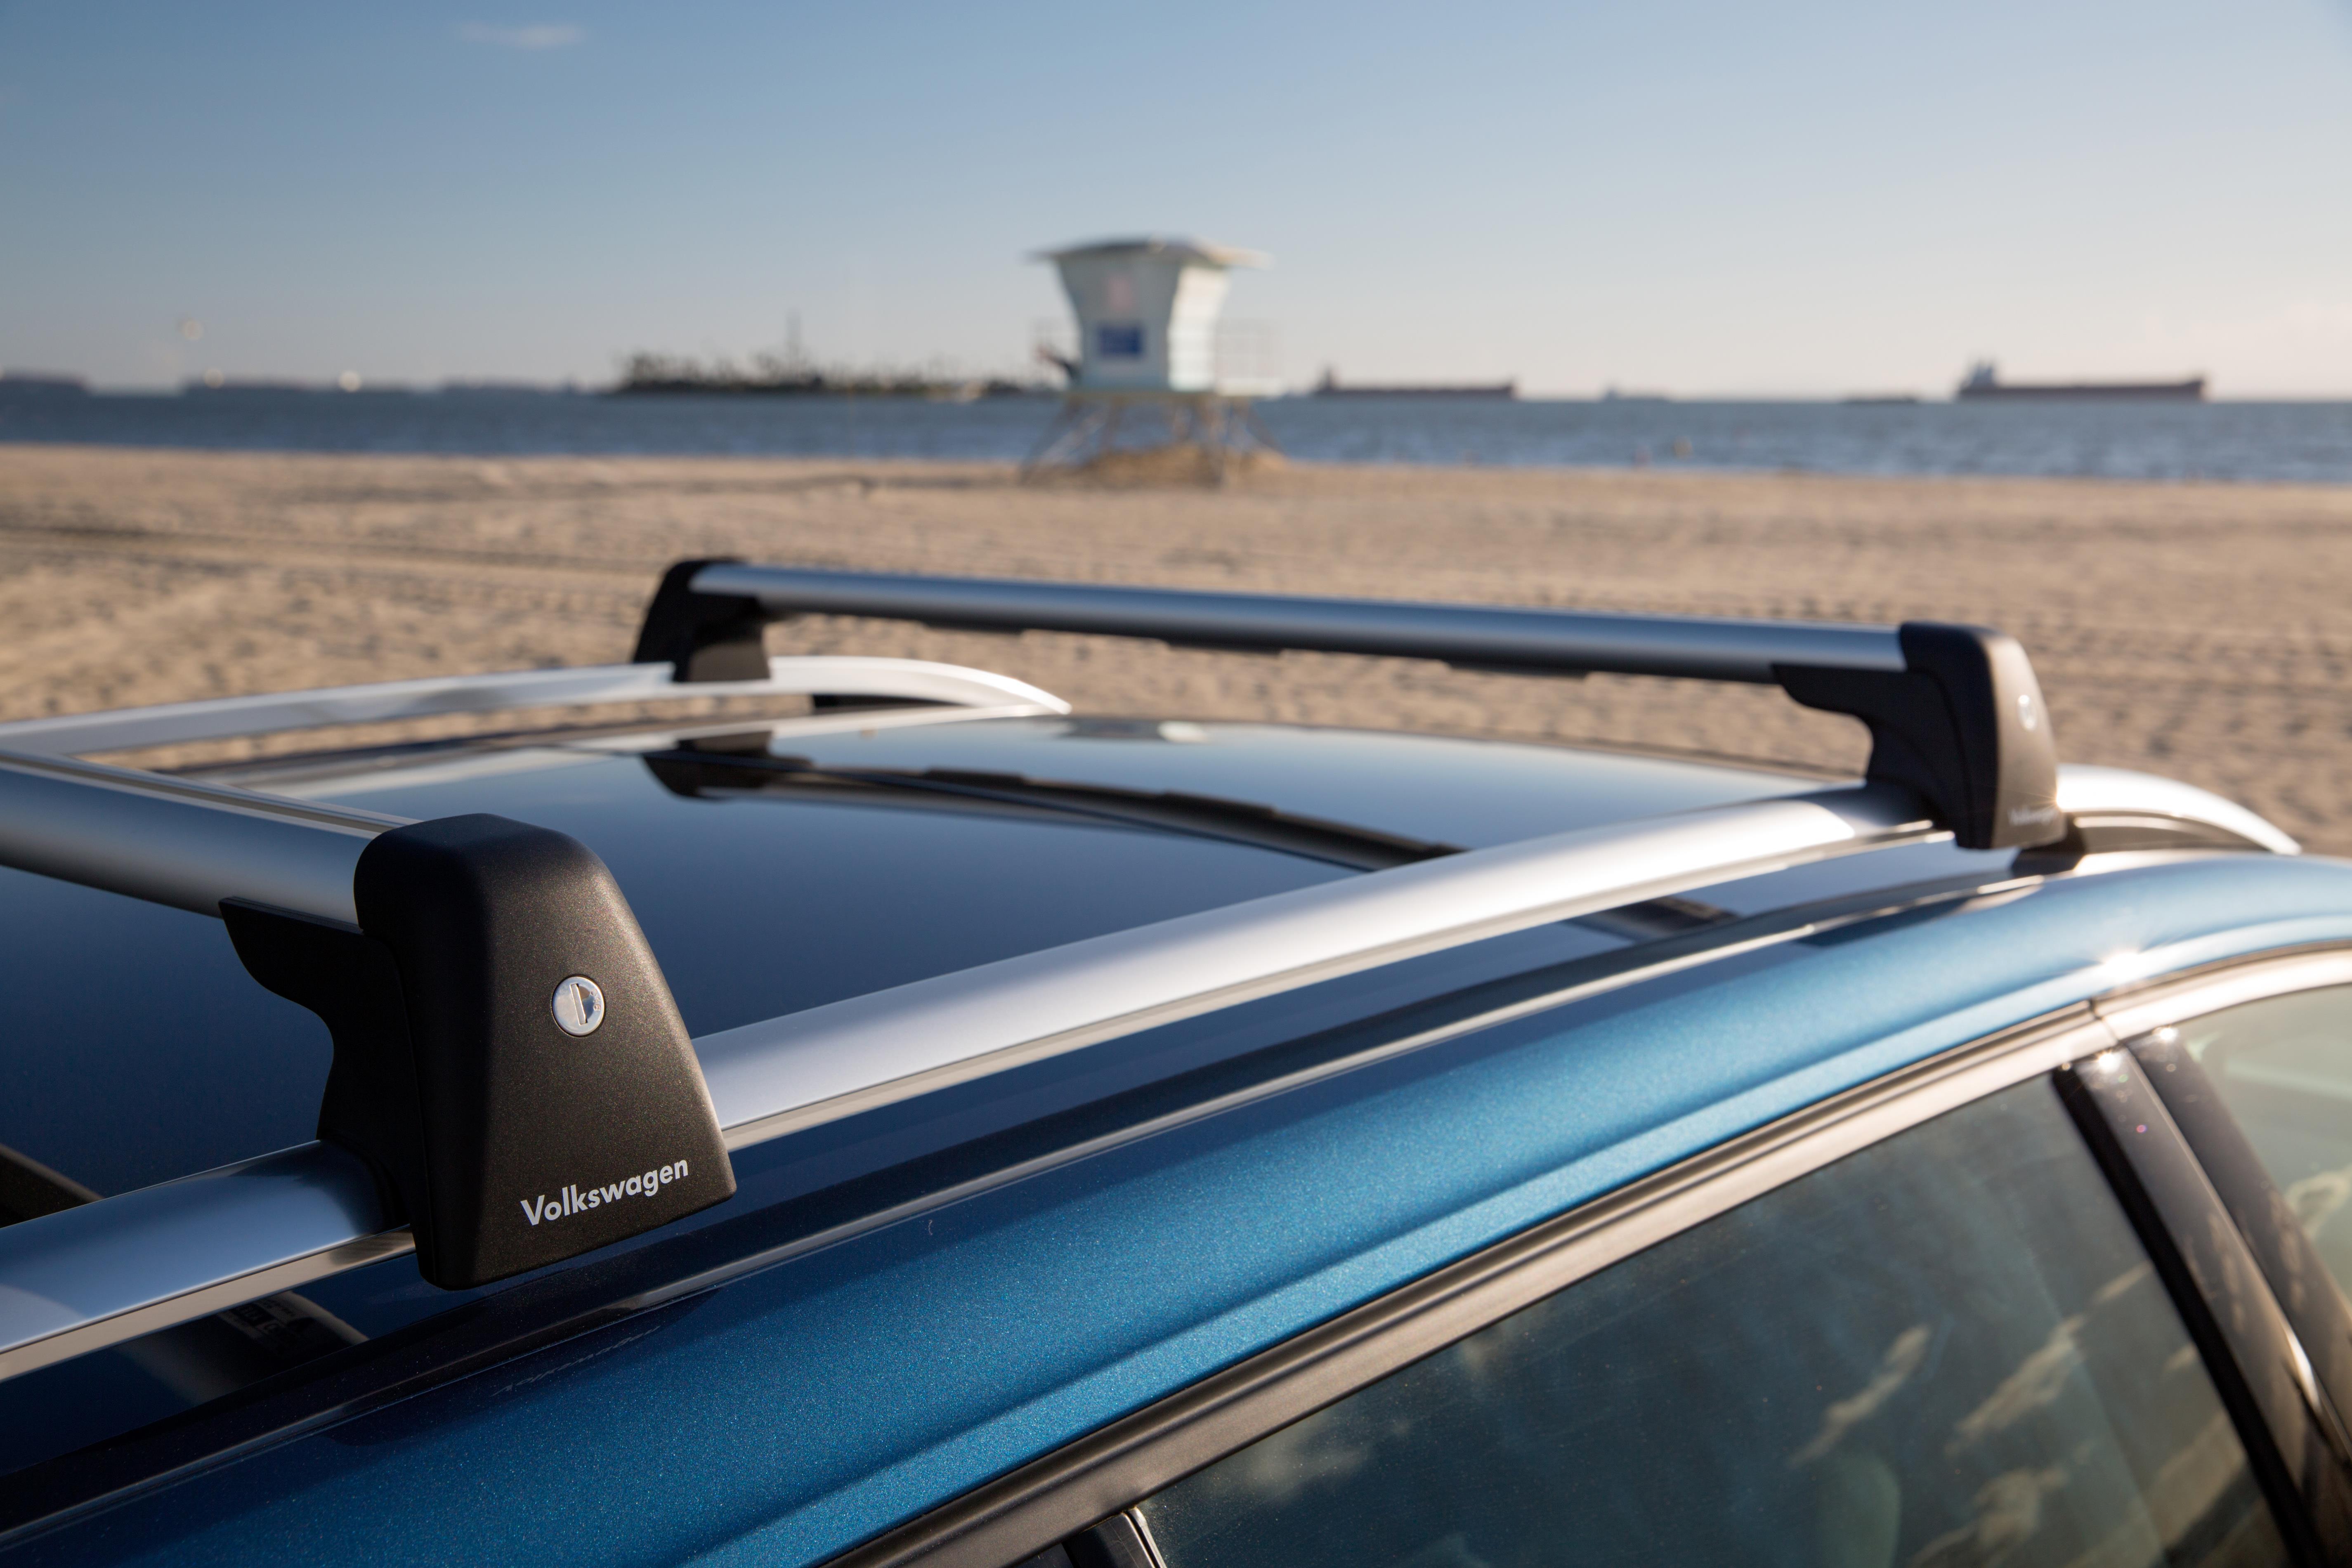 2015 volkswagen golf roof racks cargo carriers autos post